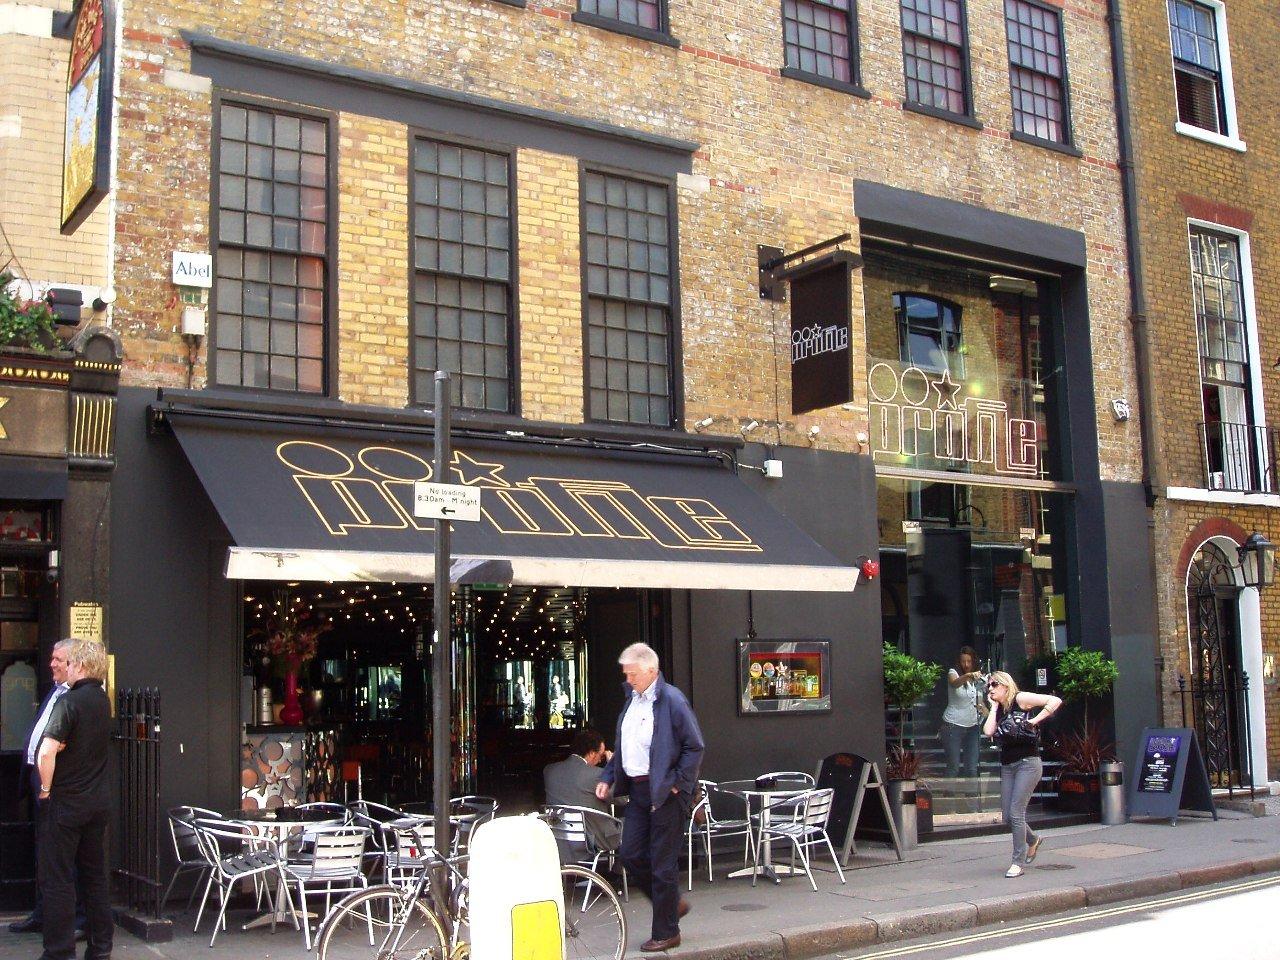 Богемный Лондон. Развлекательные районы Сохо и Ковент-Гарден